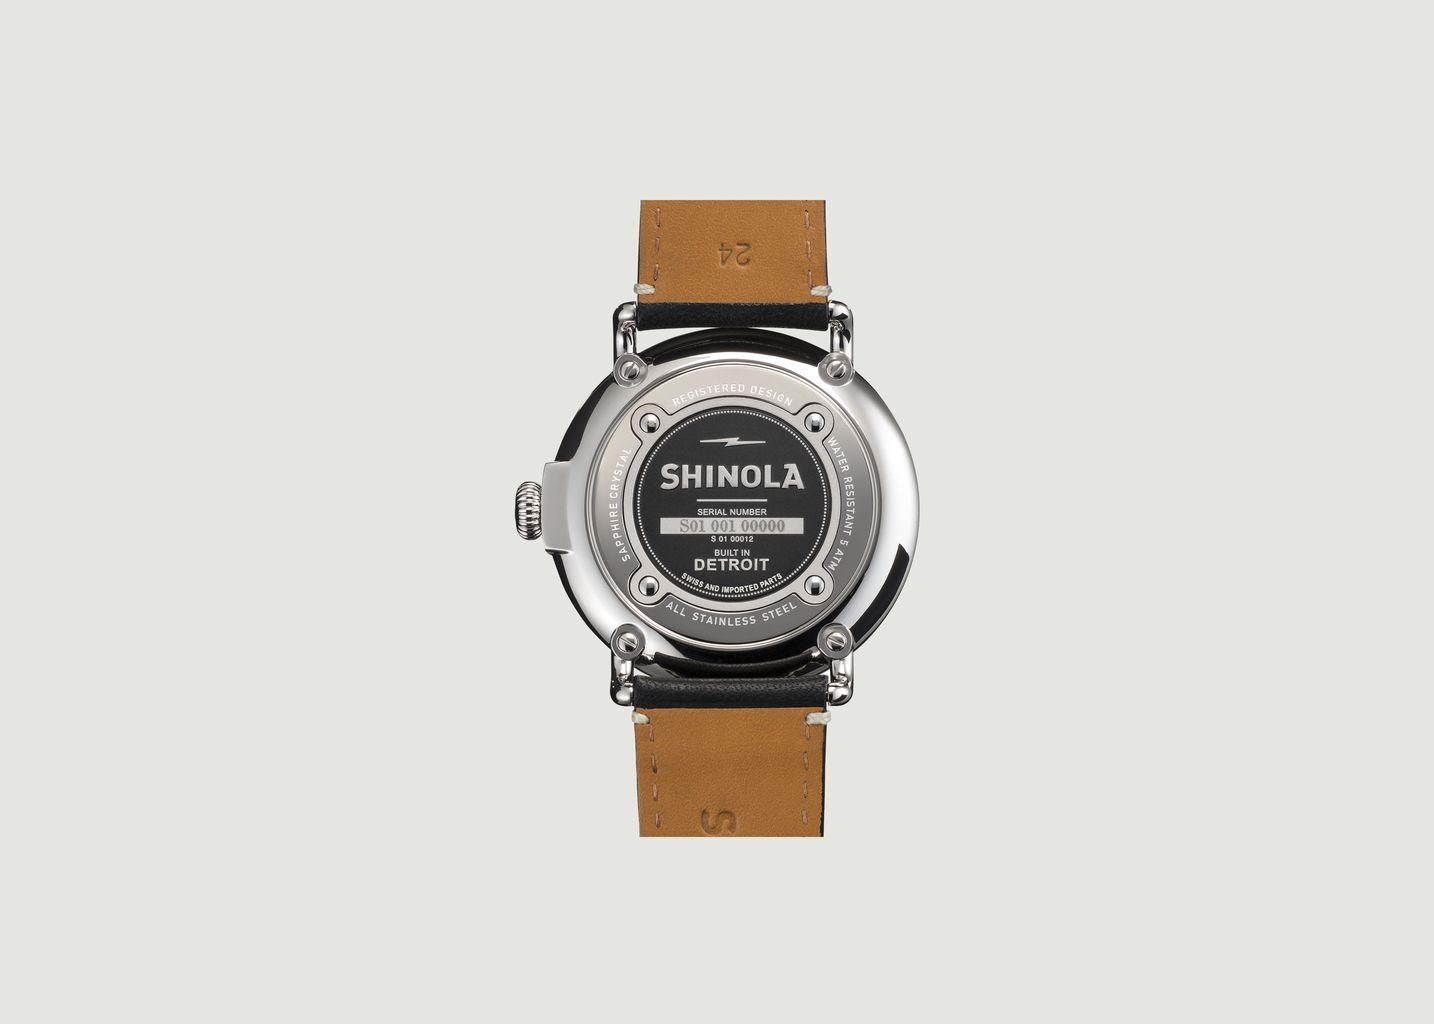 Montre Runwell 47 mm - Shinola